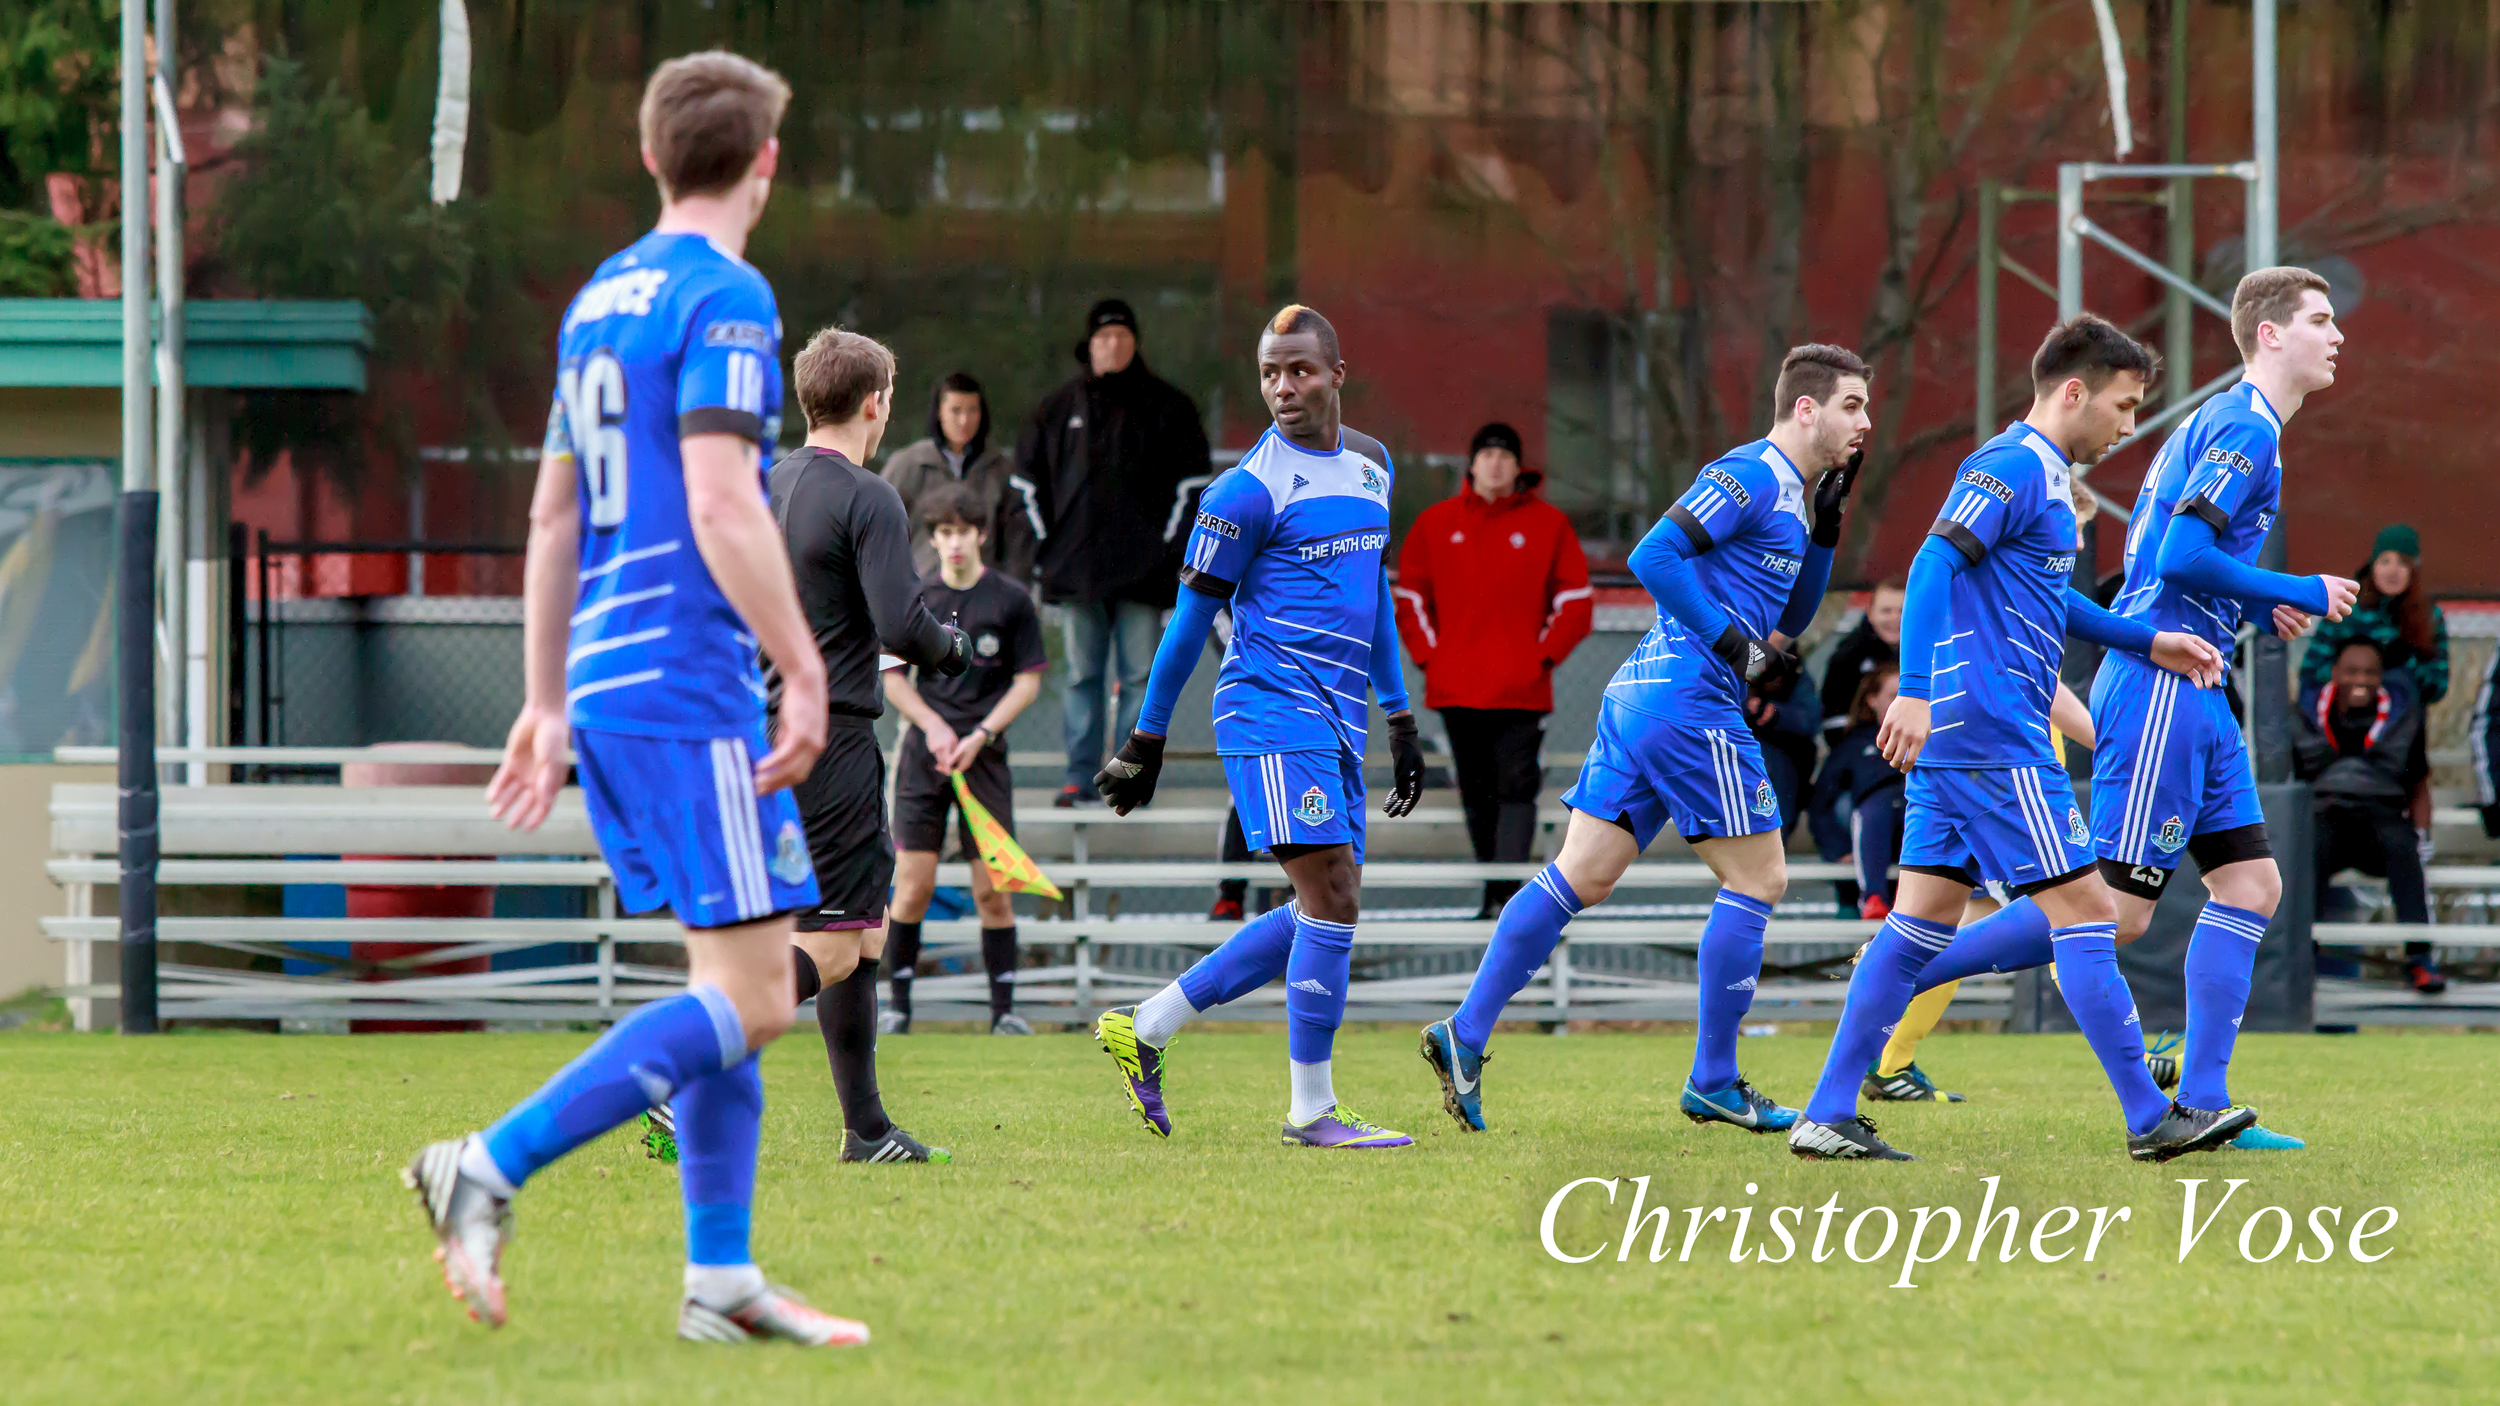 2014-03-19 Horace James Goal Celebration.jpg